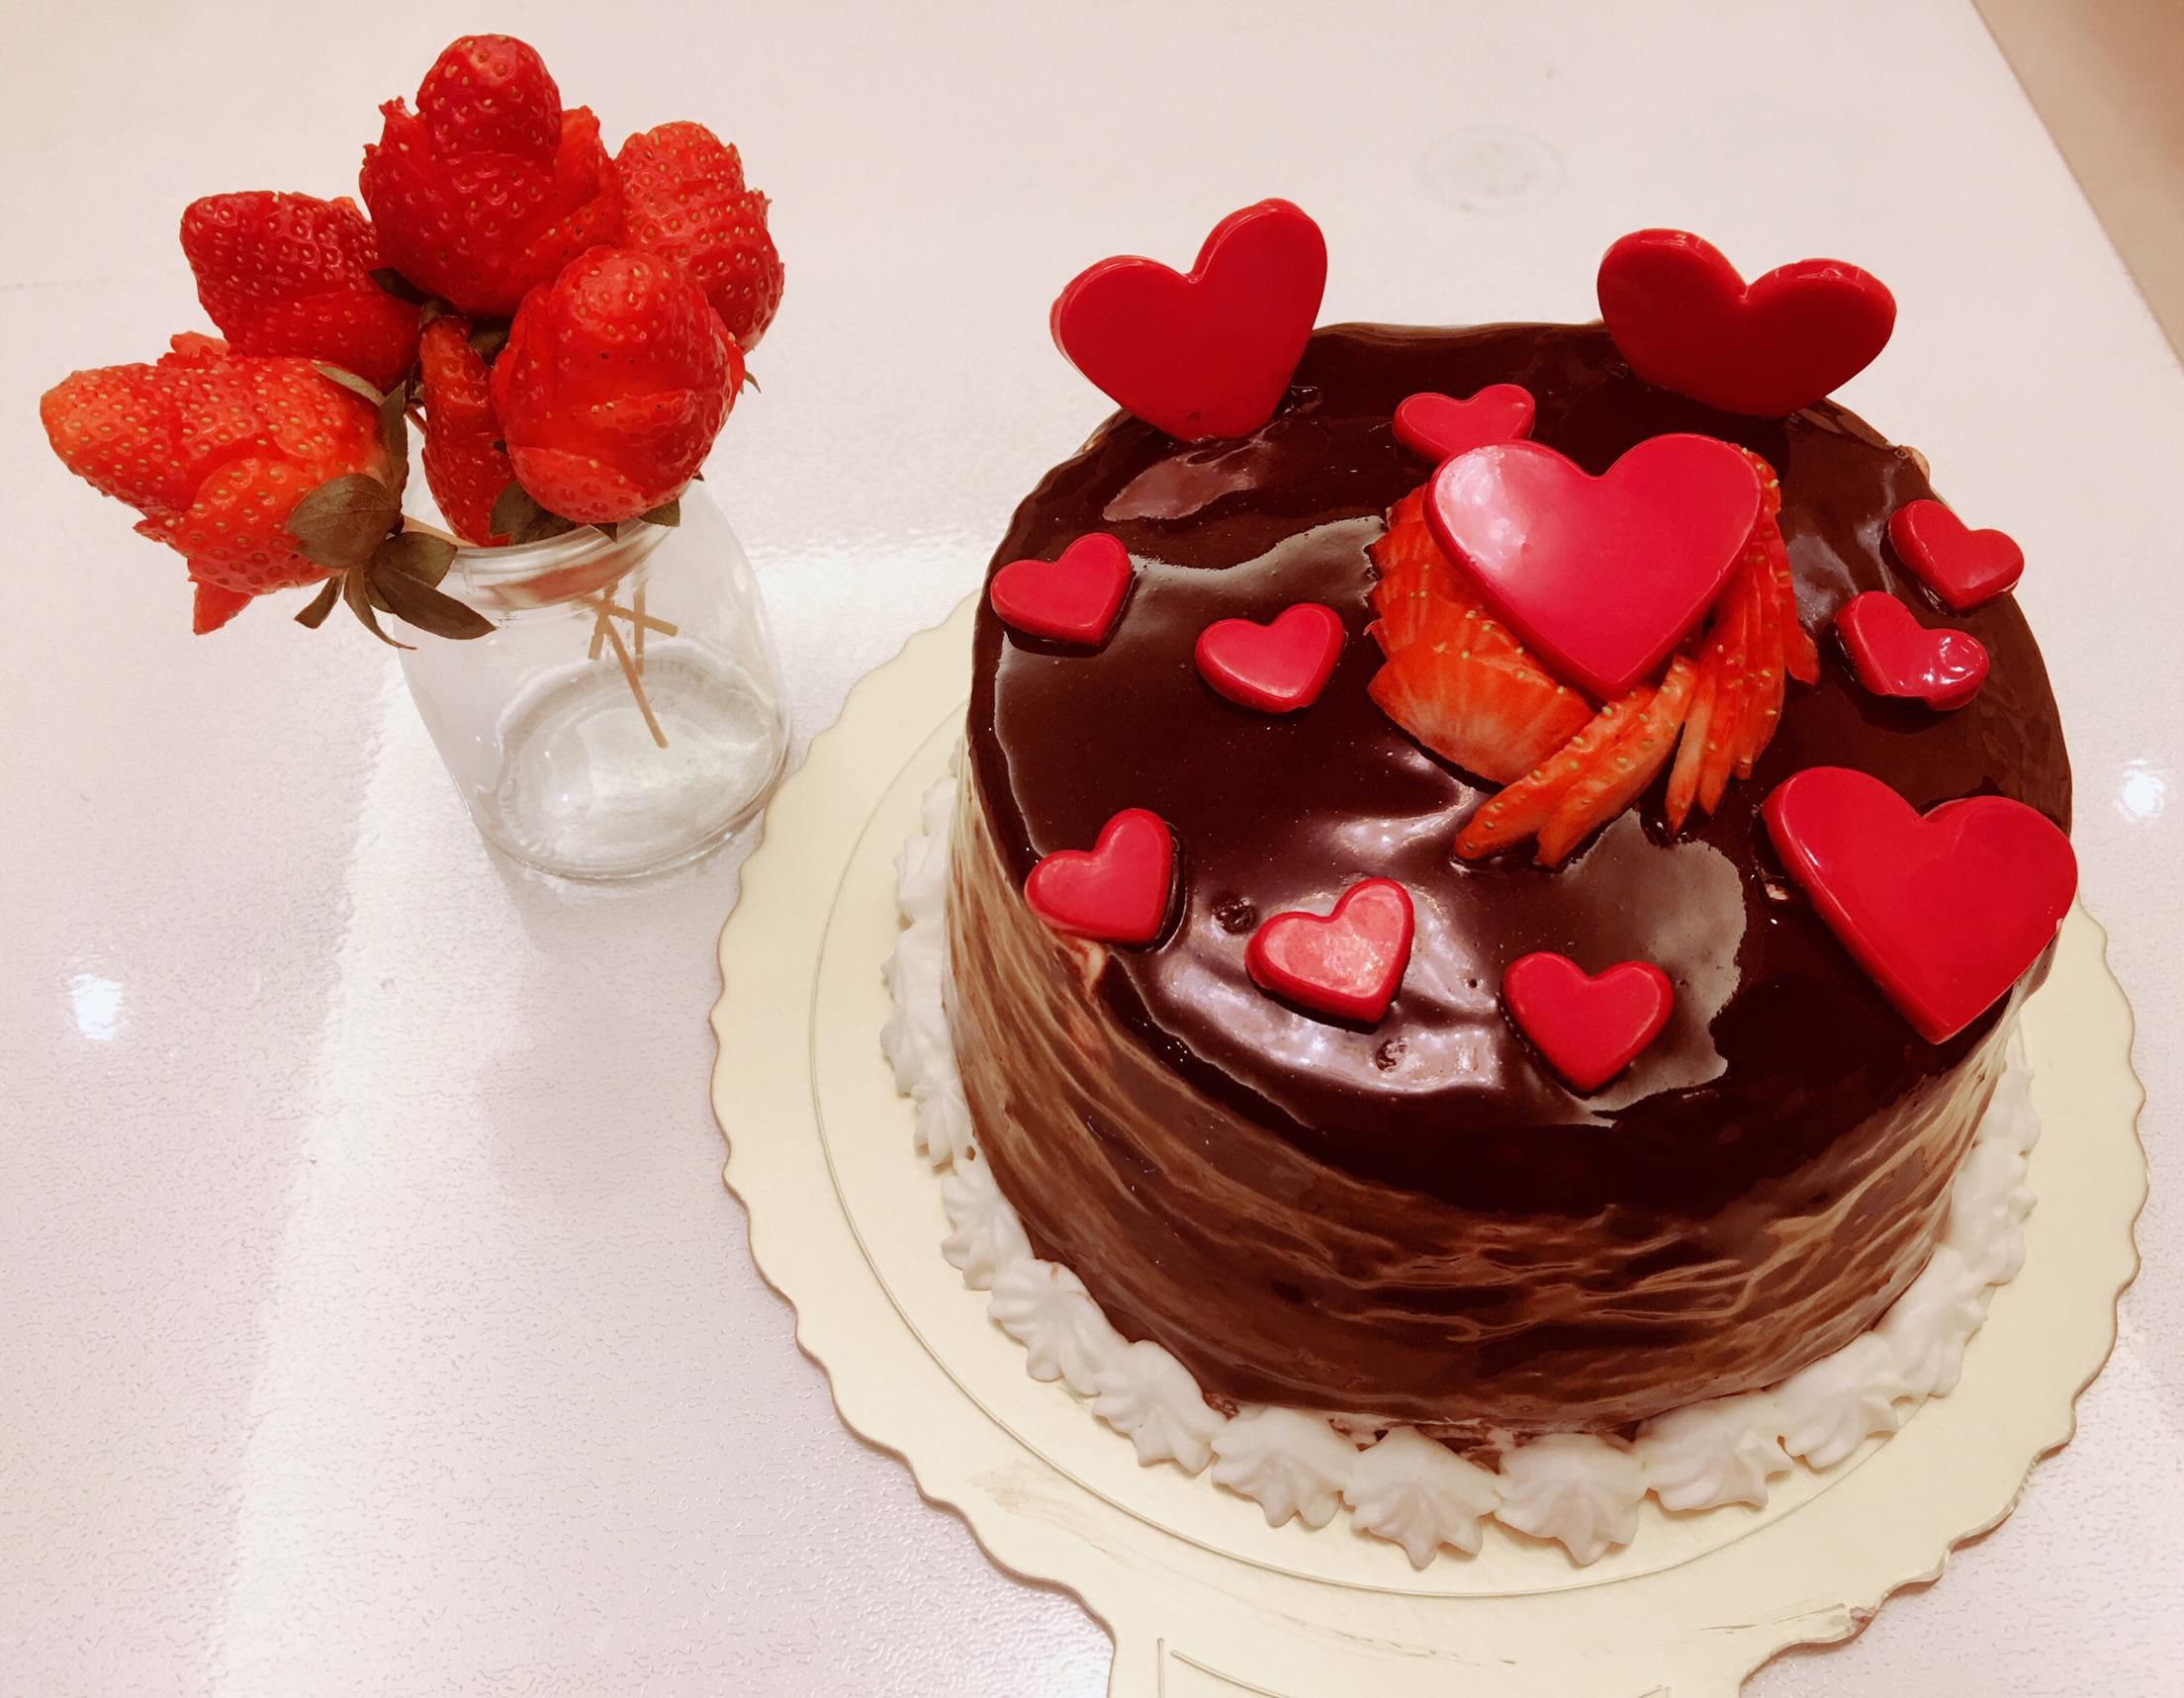 草莓夹心巧克力淋面蛋糕 草莓玫瑰花的生日祝福图片